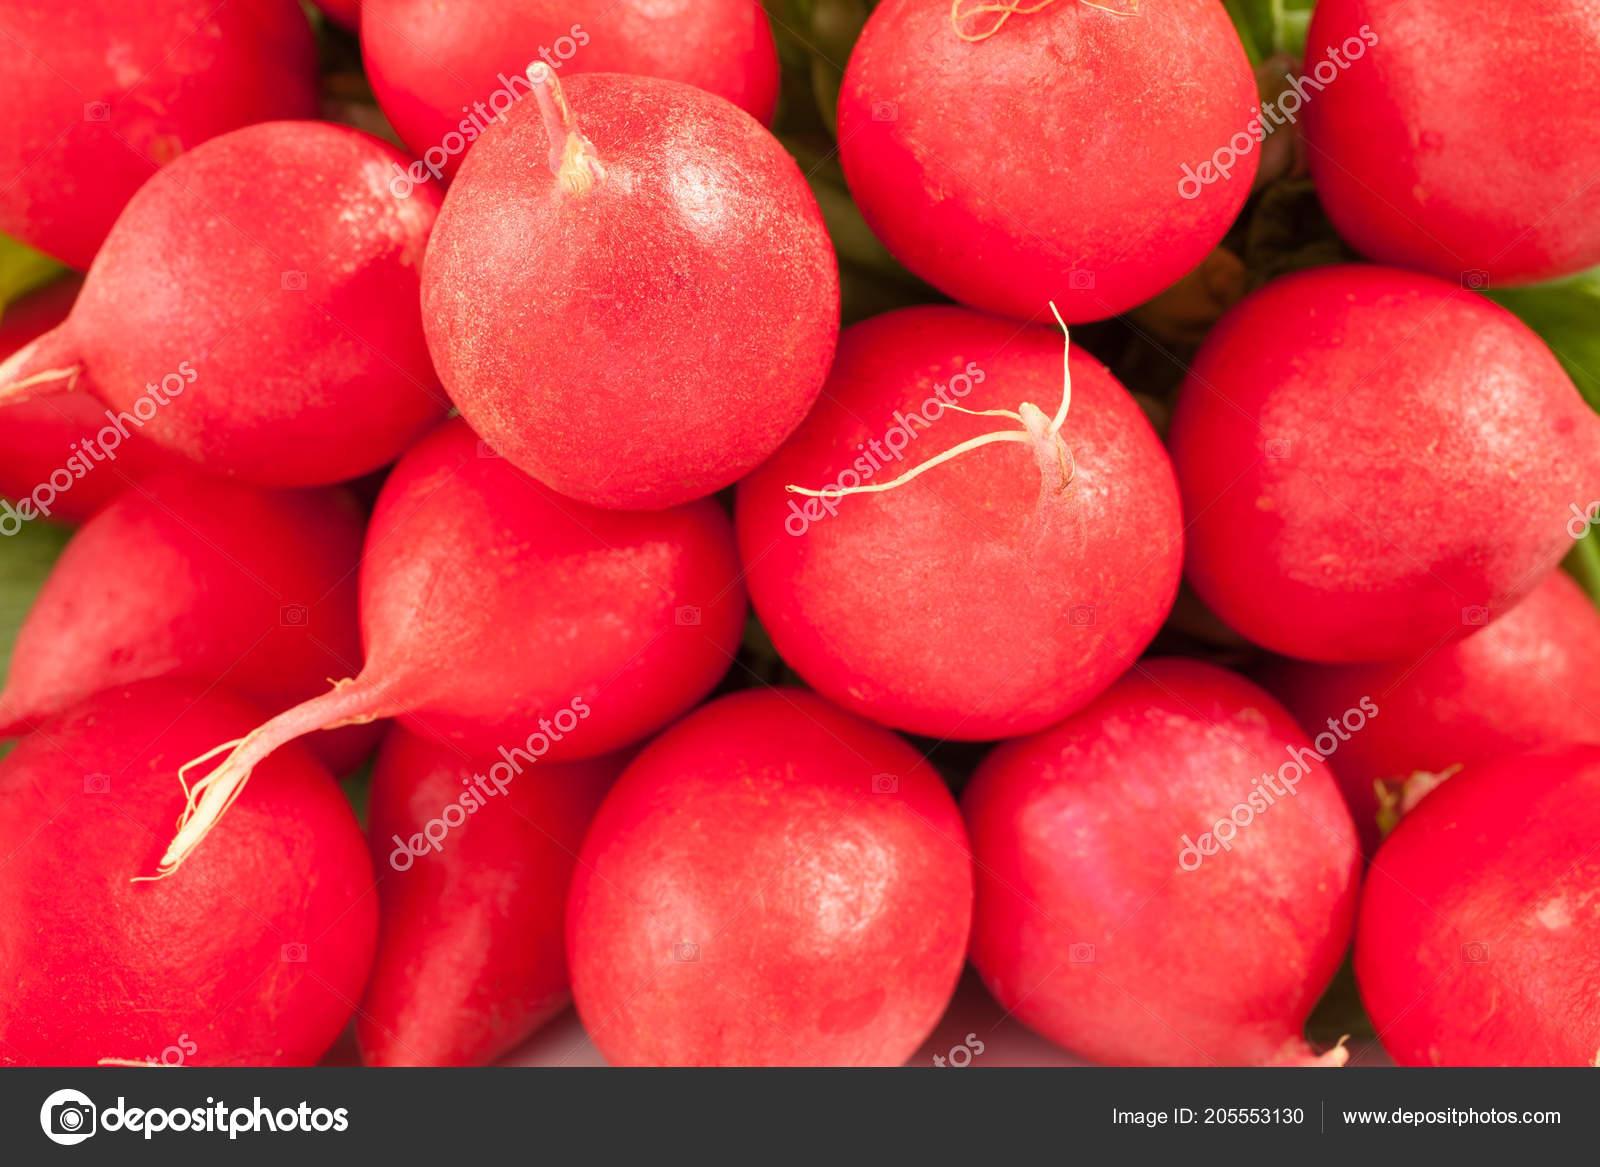 Hintergrund Reif Radieschen Essen Gemüse Konzept Stockfoto